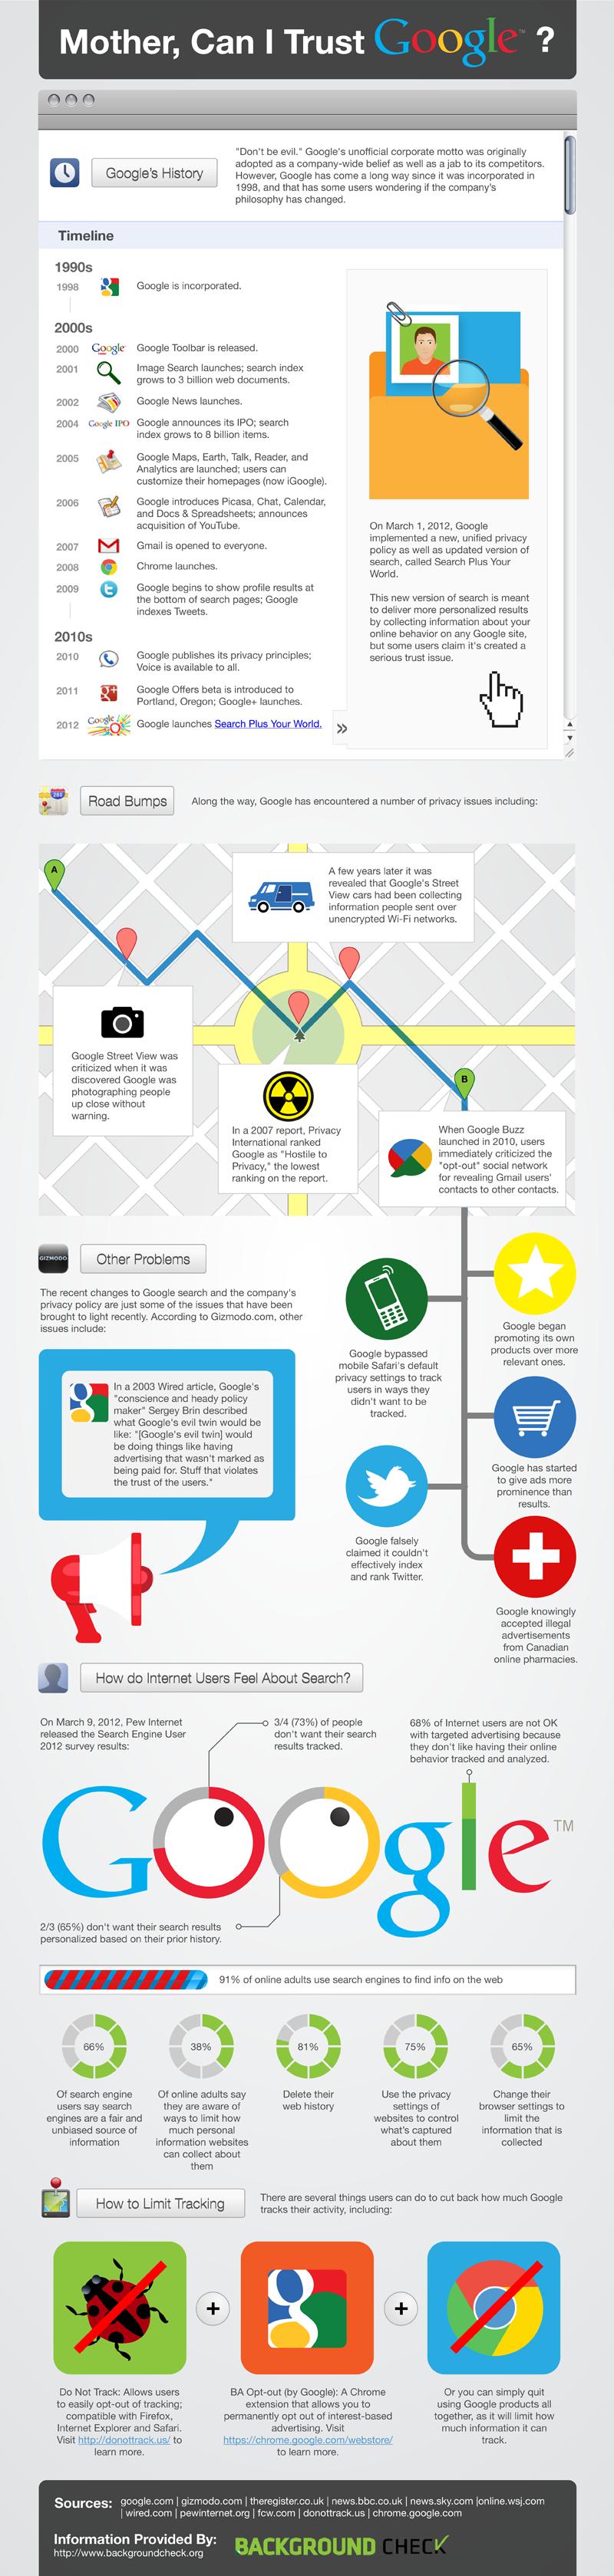 ¿Puedo confiar en Google?    http://www.trecebits.com/2012/05/04/puedo-confiar-en-google-infografia/